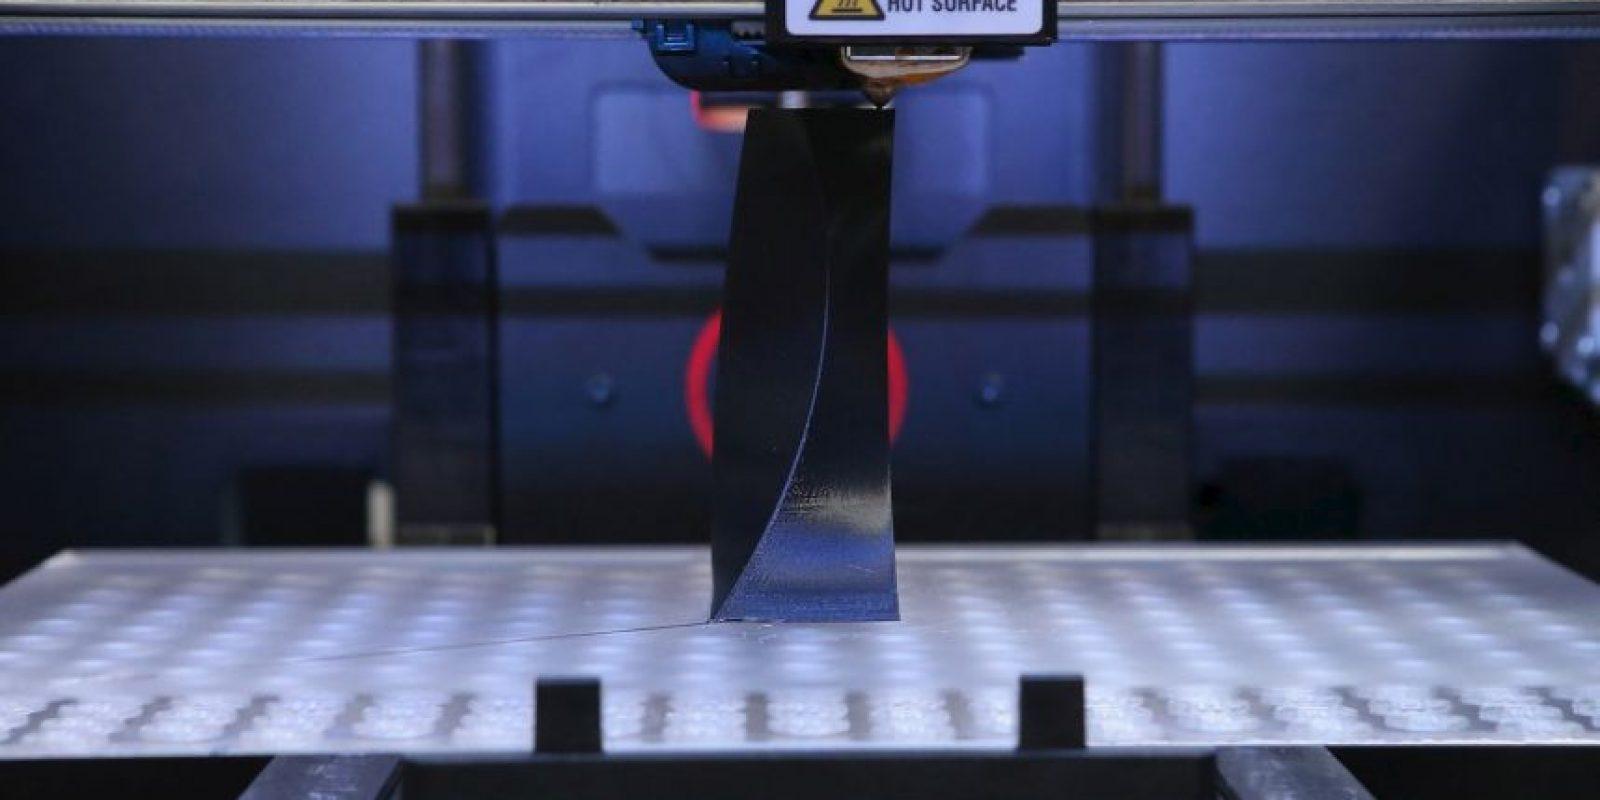 La tecnología de la impresión 3D es relativamente nueva, teniendo sus mejores avances en los últimos 5 años. Foto:Getty